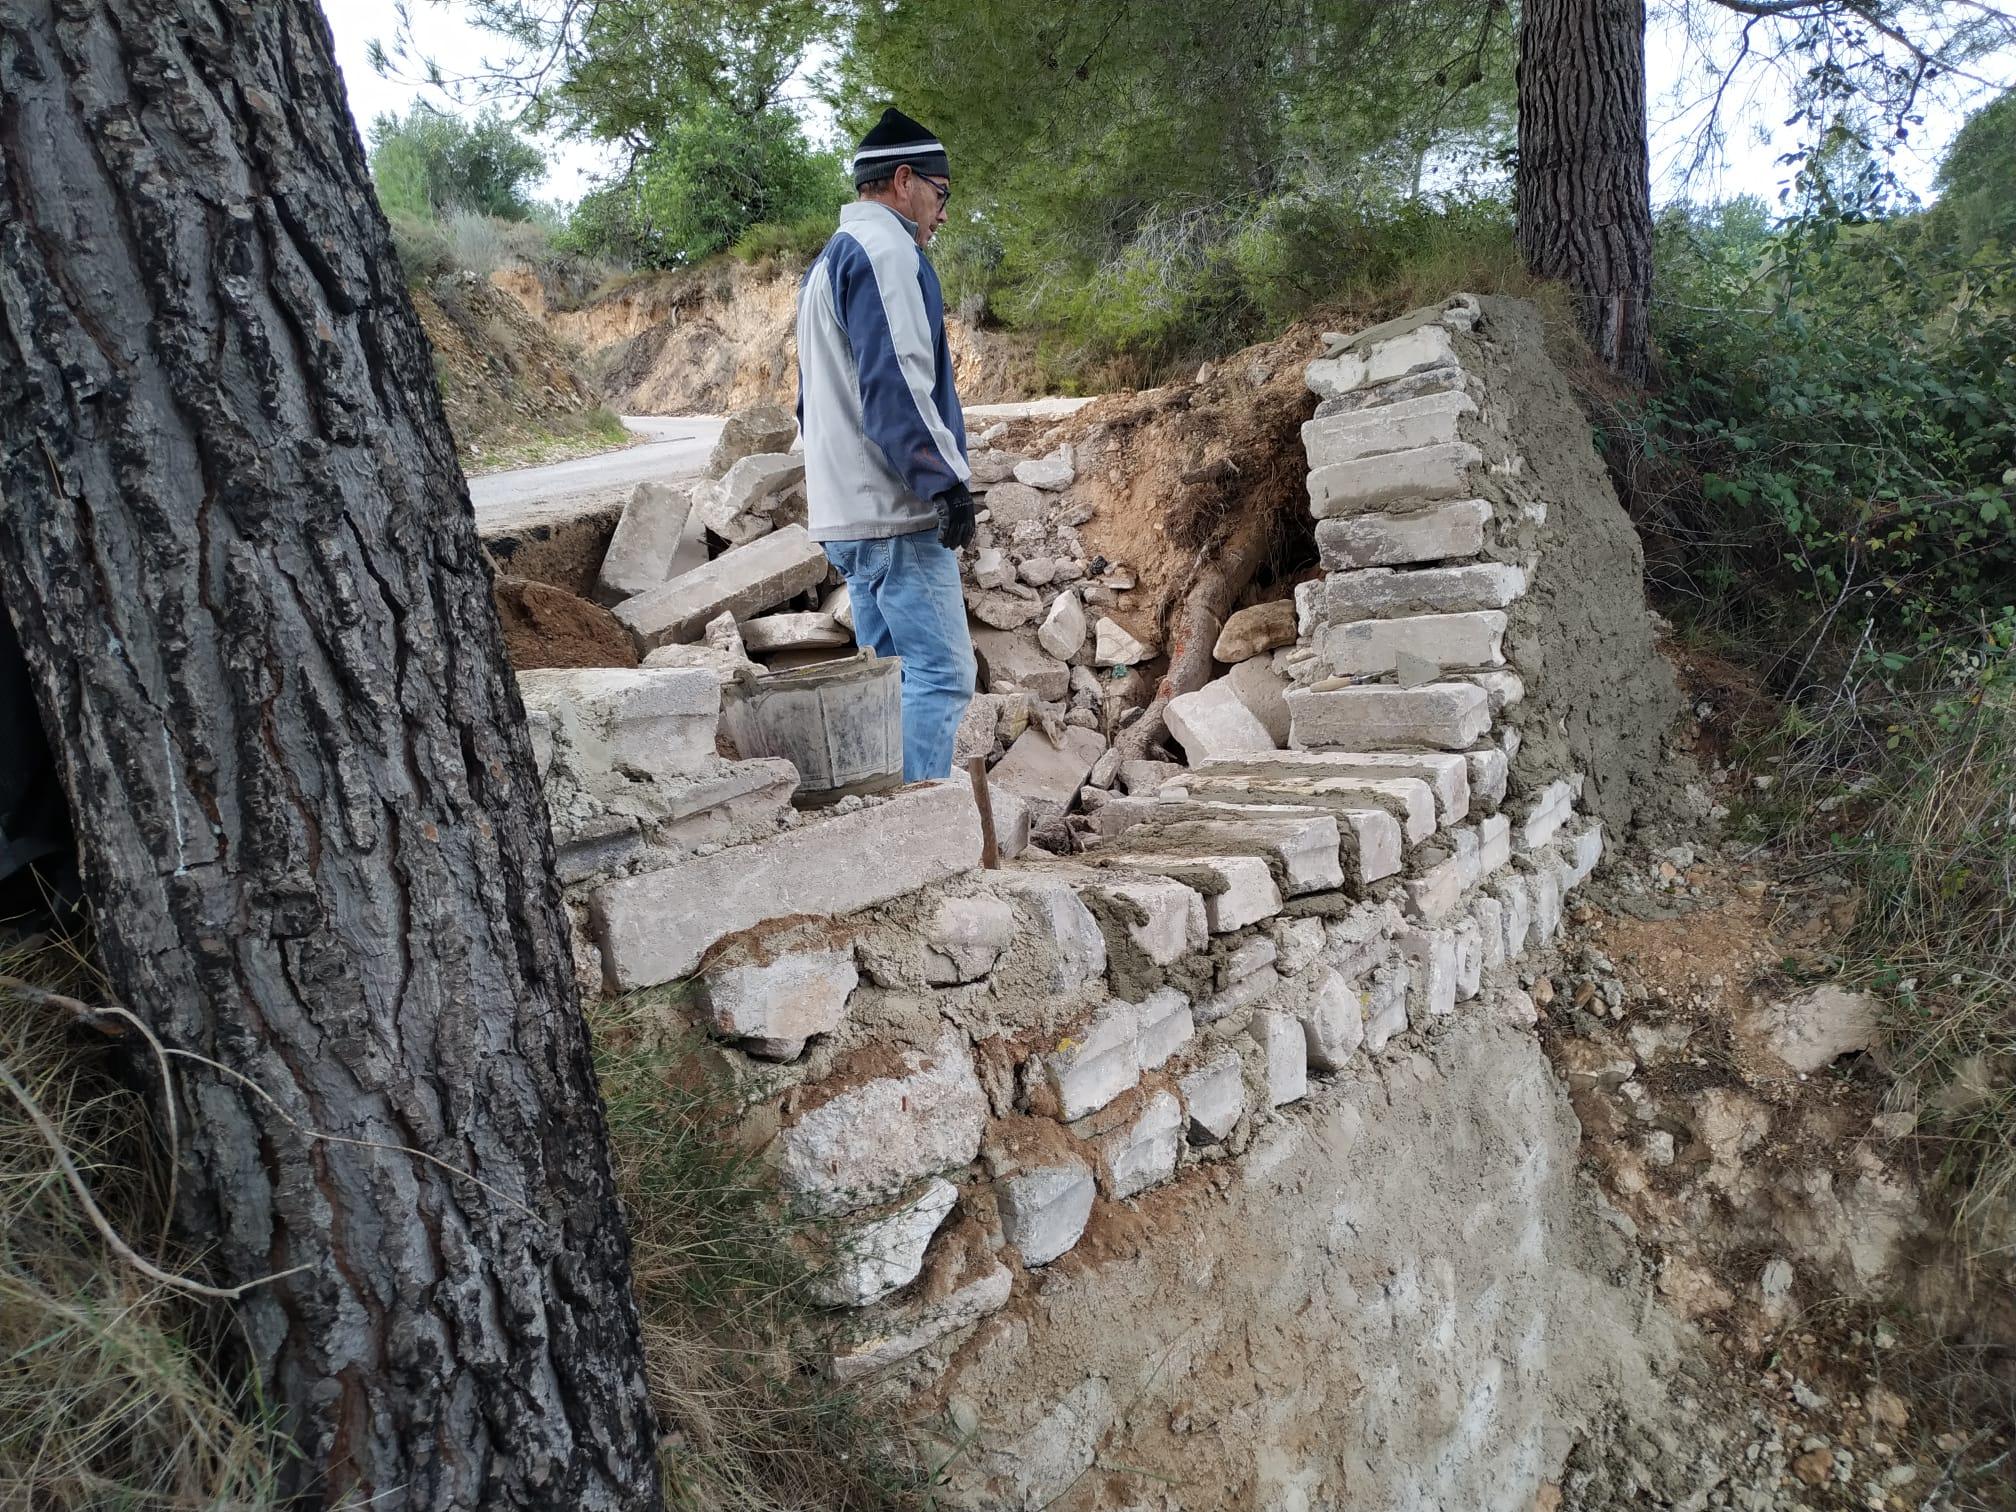 L'Ajuntament repara un forat al Camí de la Cria Vella